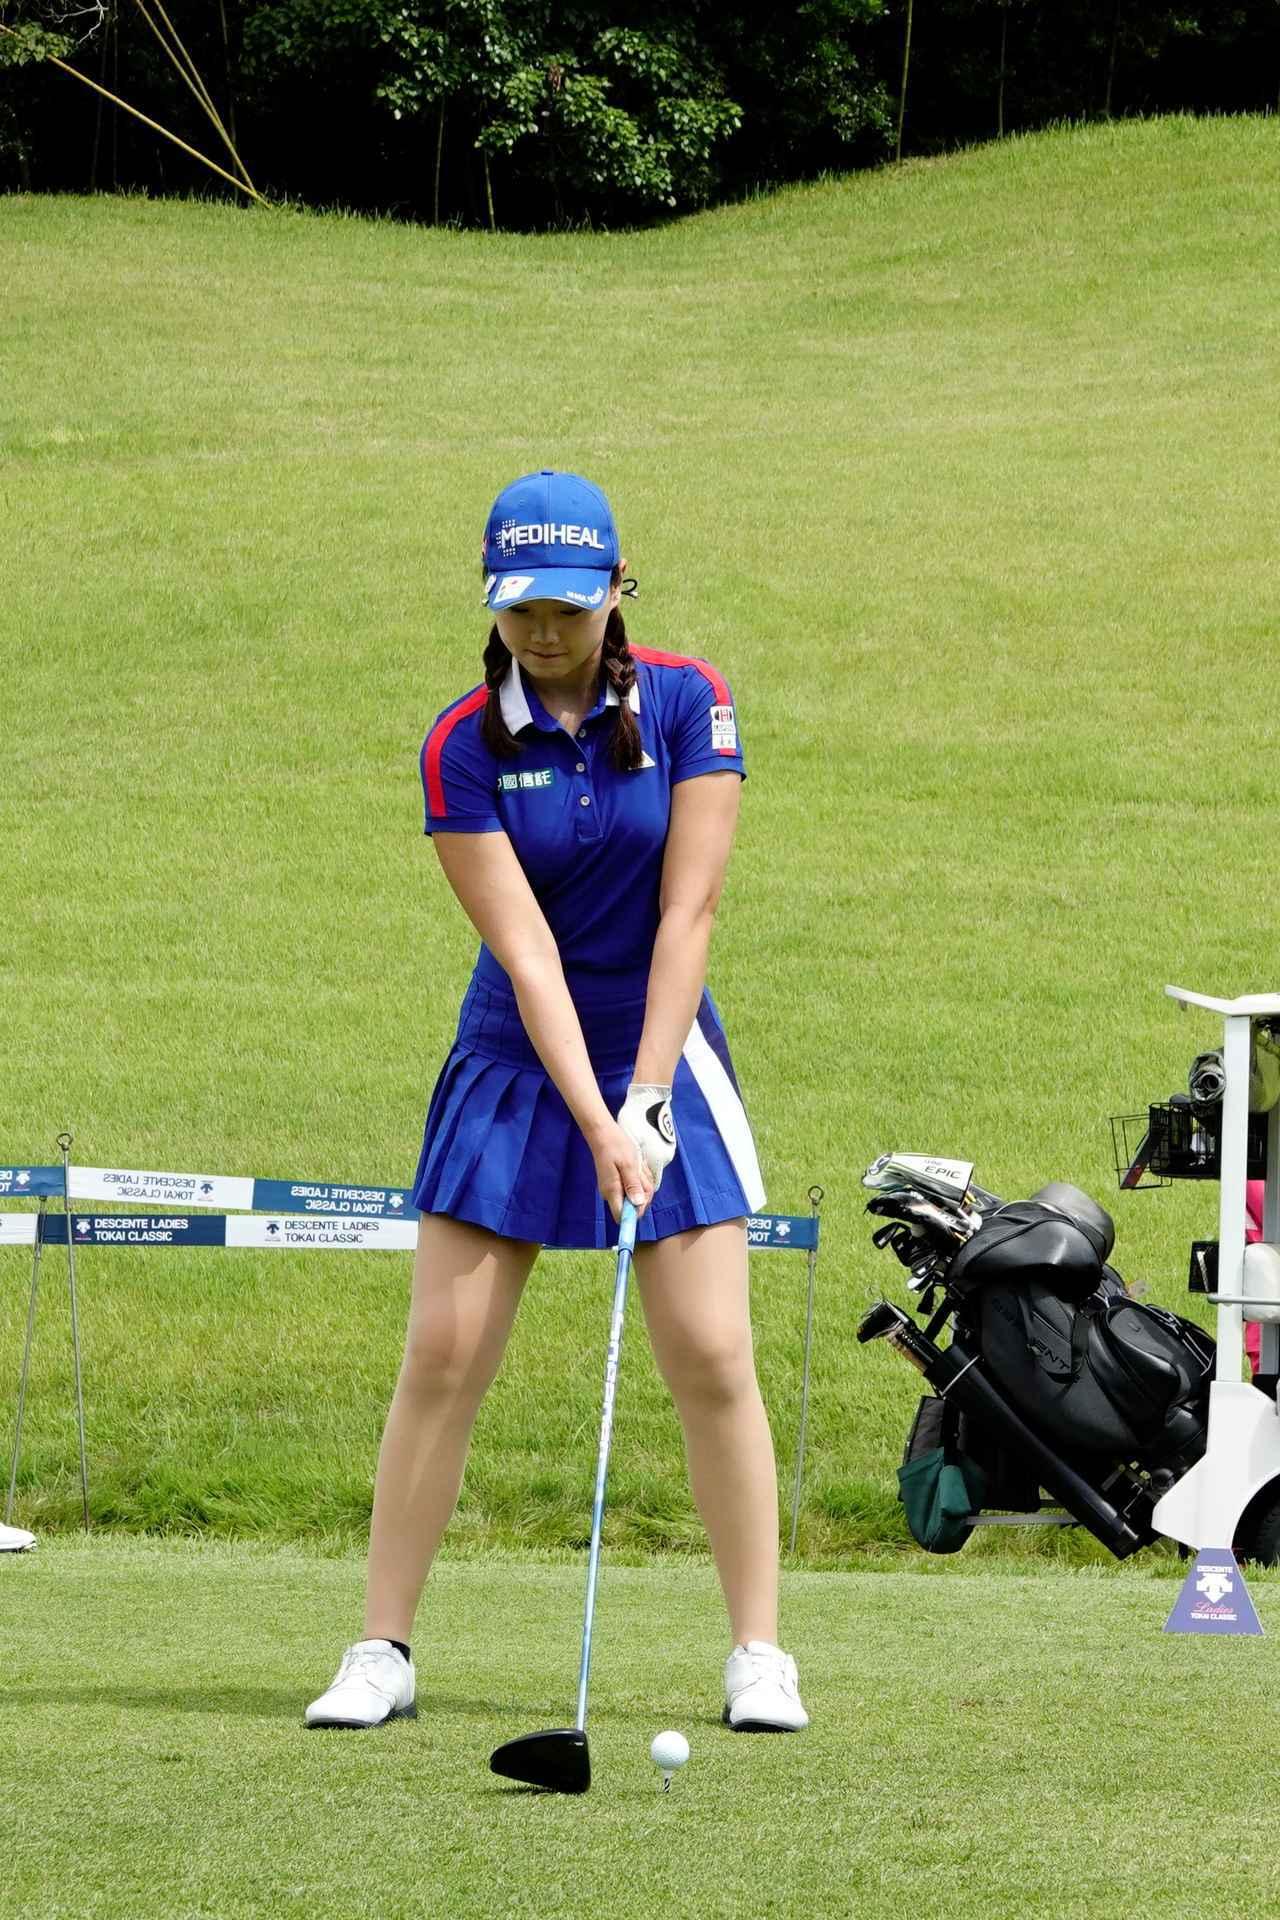 画像: 1番目の画像 - セキユウティンのドライバー連続写真 - みんなのゴルフダイジェスト